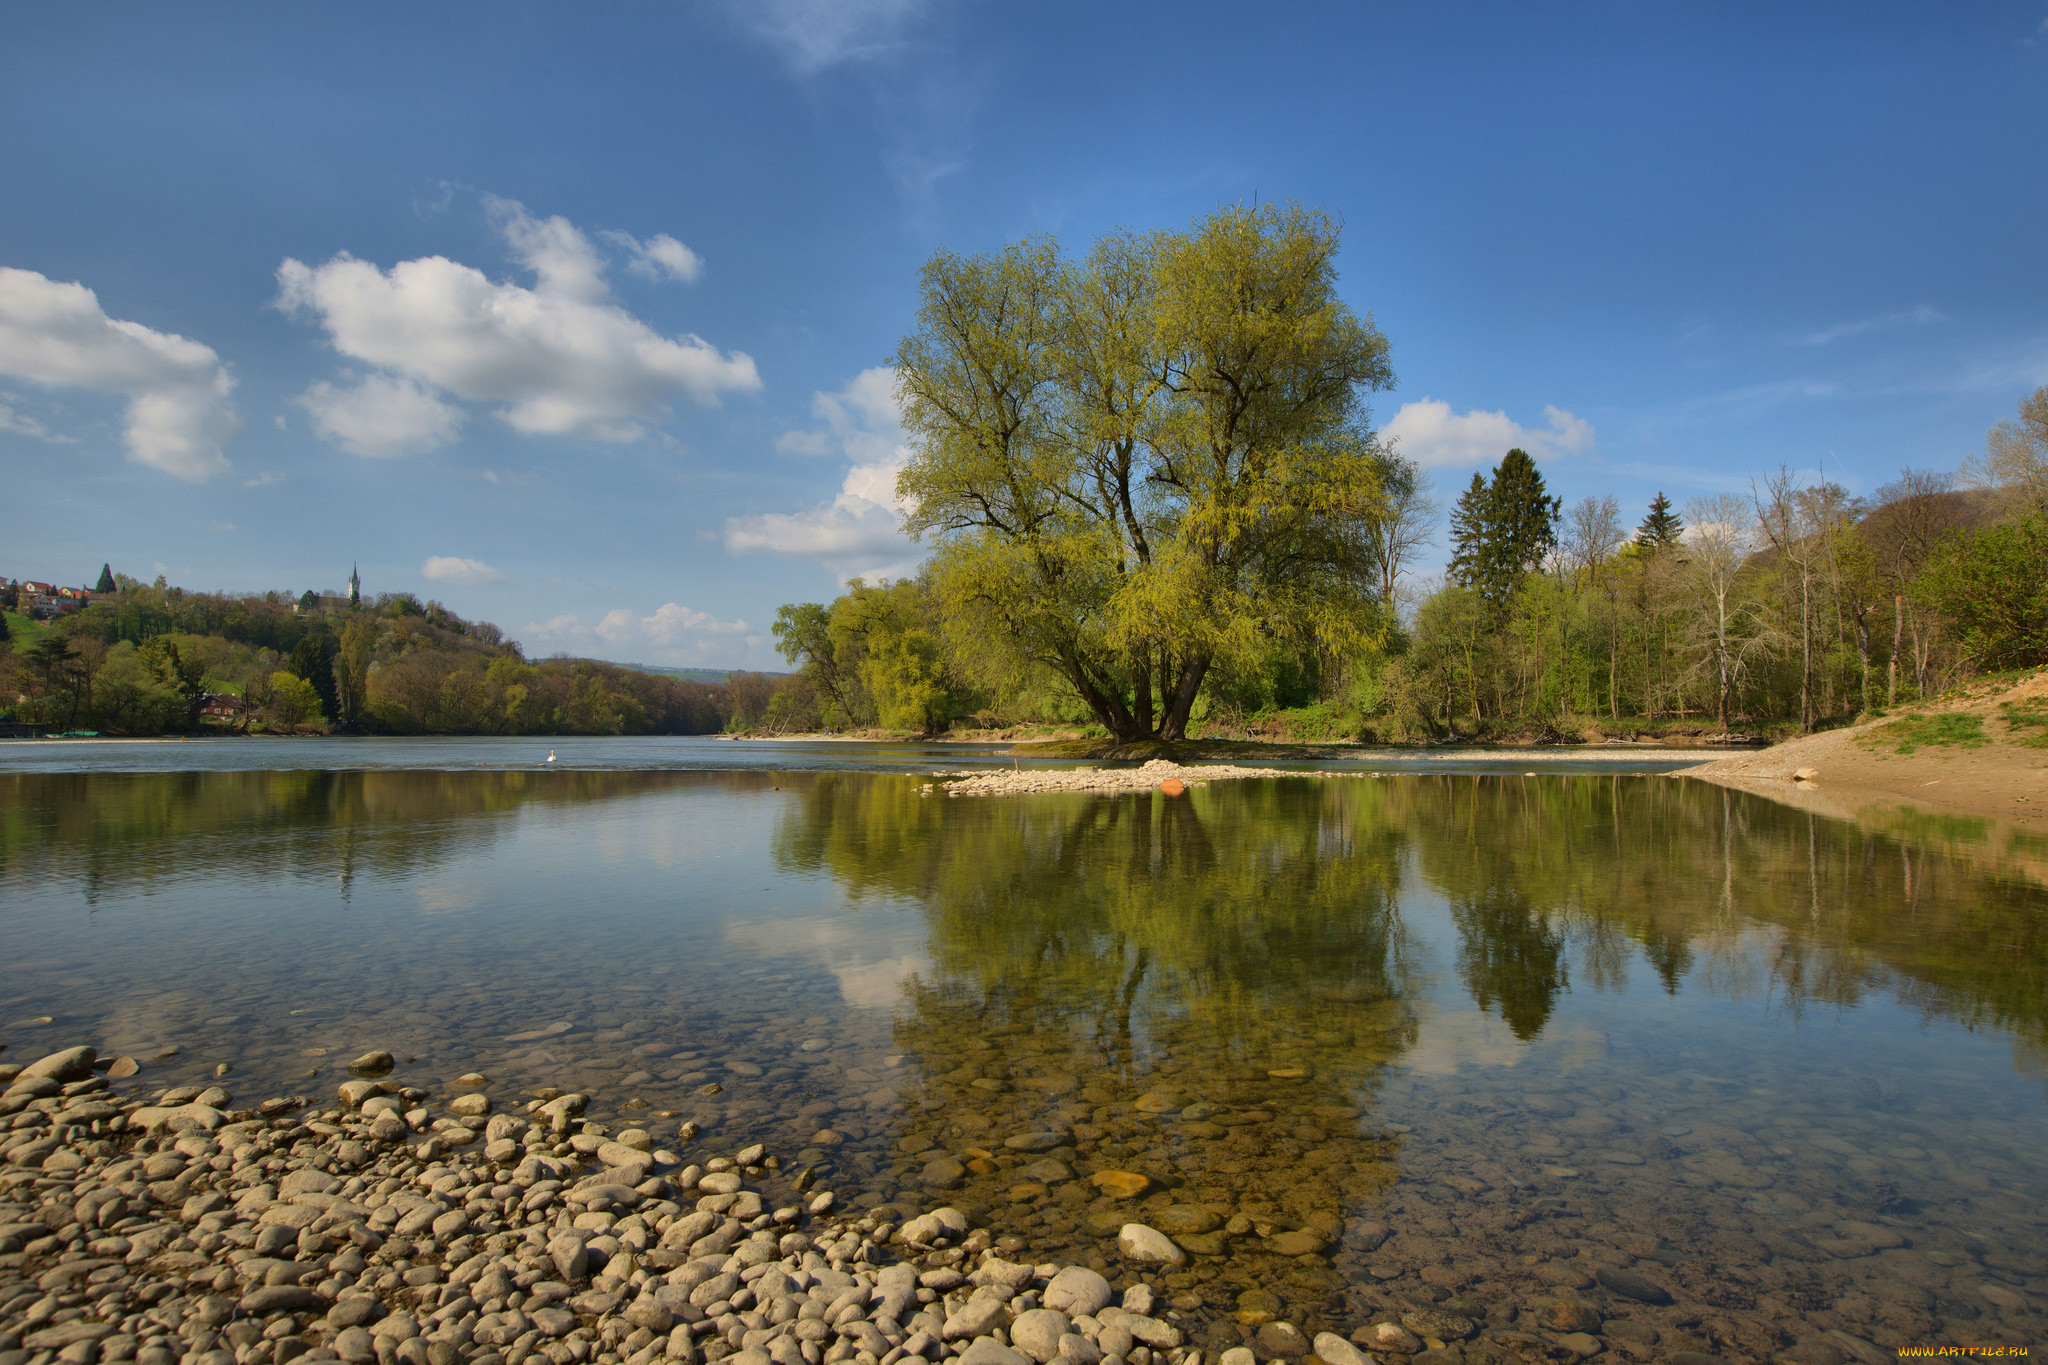 гостиничном тихая заводь картинки река озеро постарались